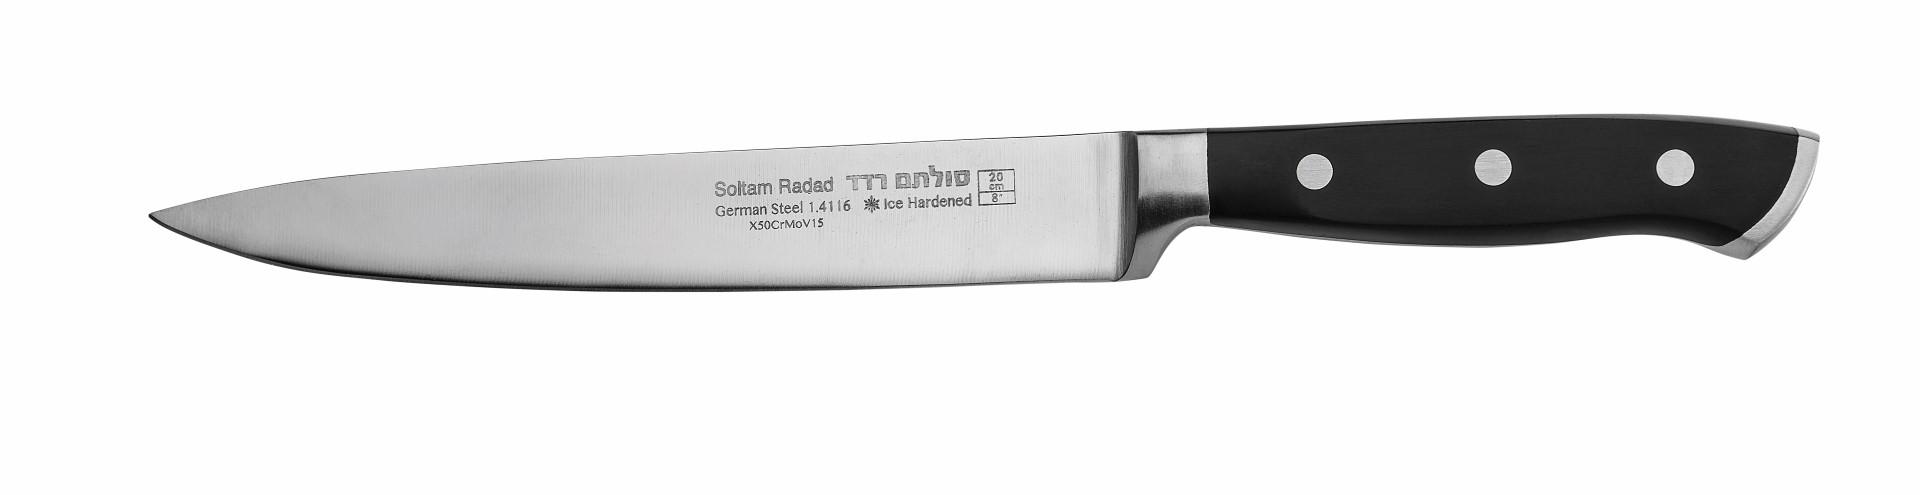 סכין סולתם למטבח 15סמ